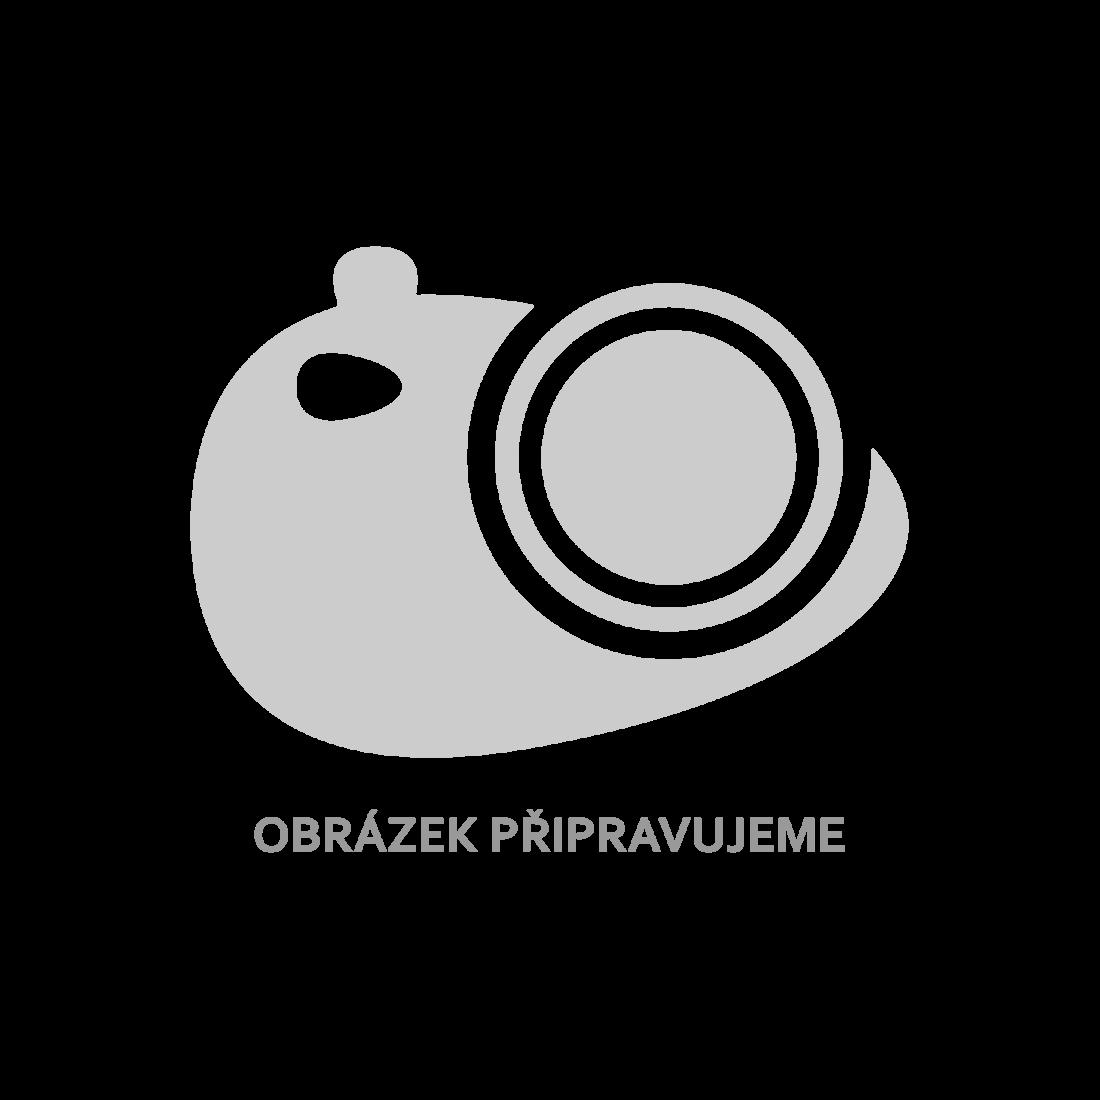 Jídelní židle 4 ks látkové 55 x 56 x 86 cm hnědo-krémové [276019]